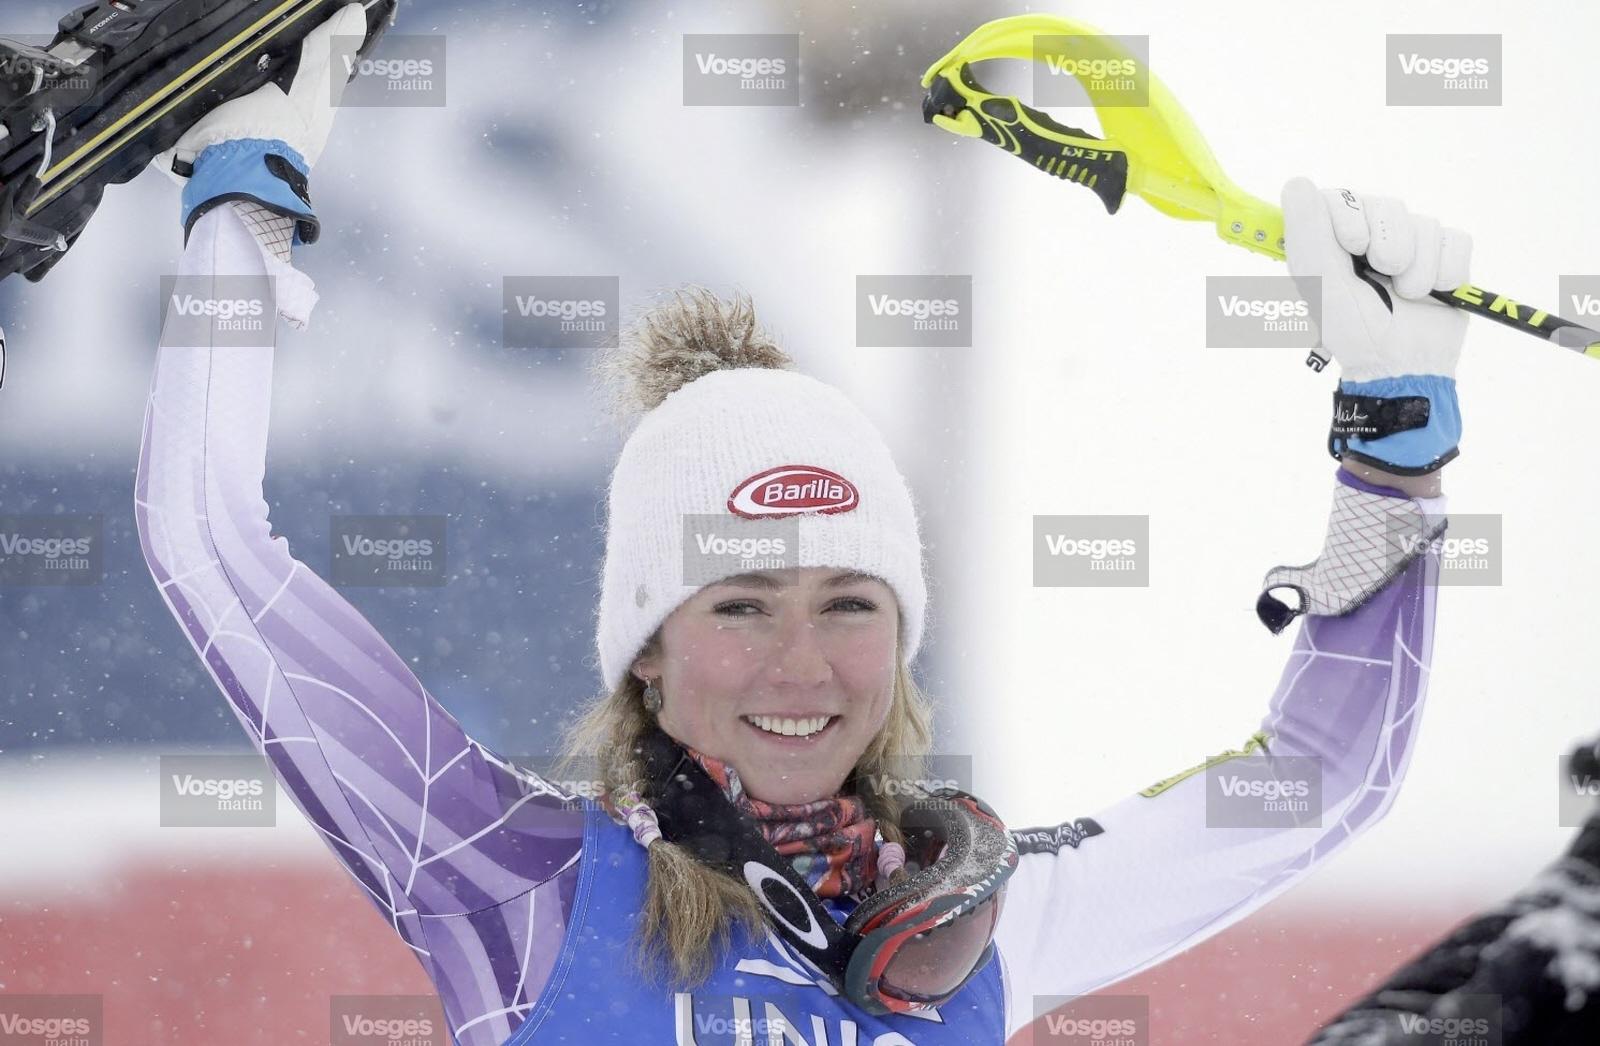 Mikaela Shiffrin remporte la Coupe du monde de ski alpin